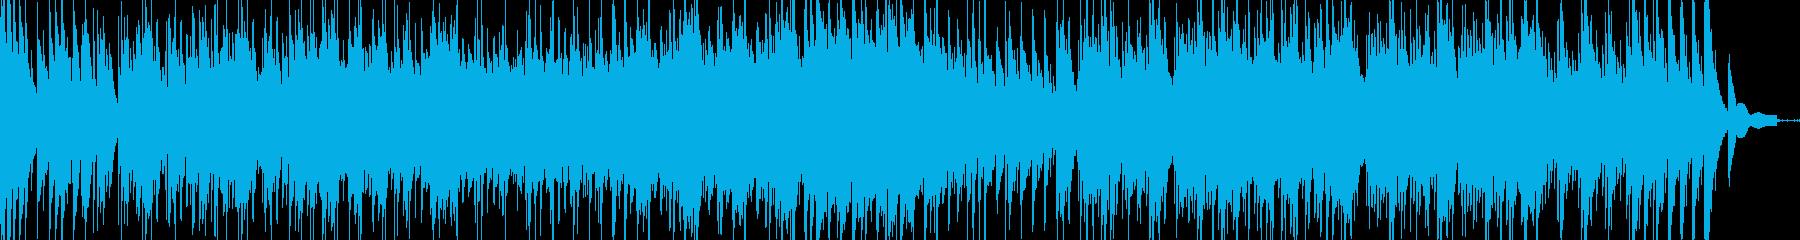 和風琴第九ベートーベンの琴曲の再生済みの波形